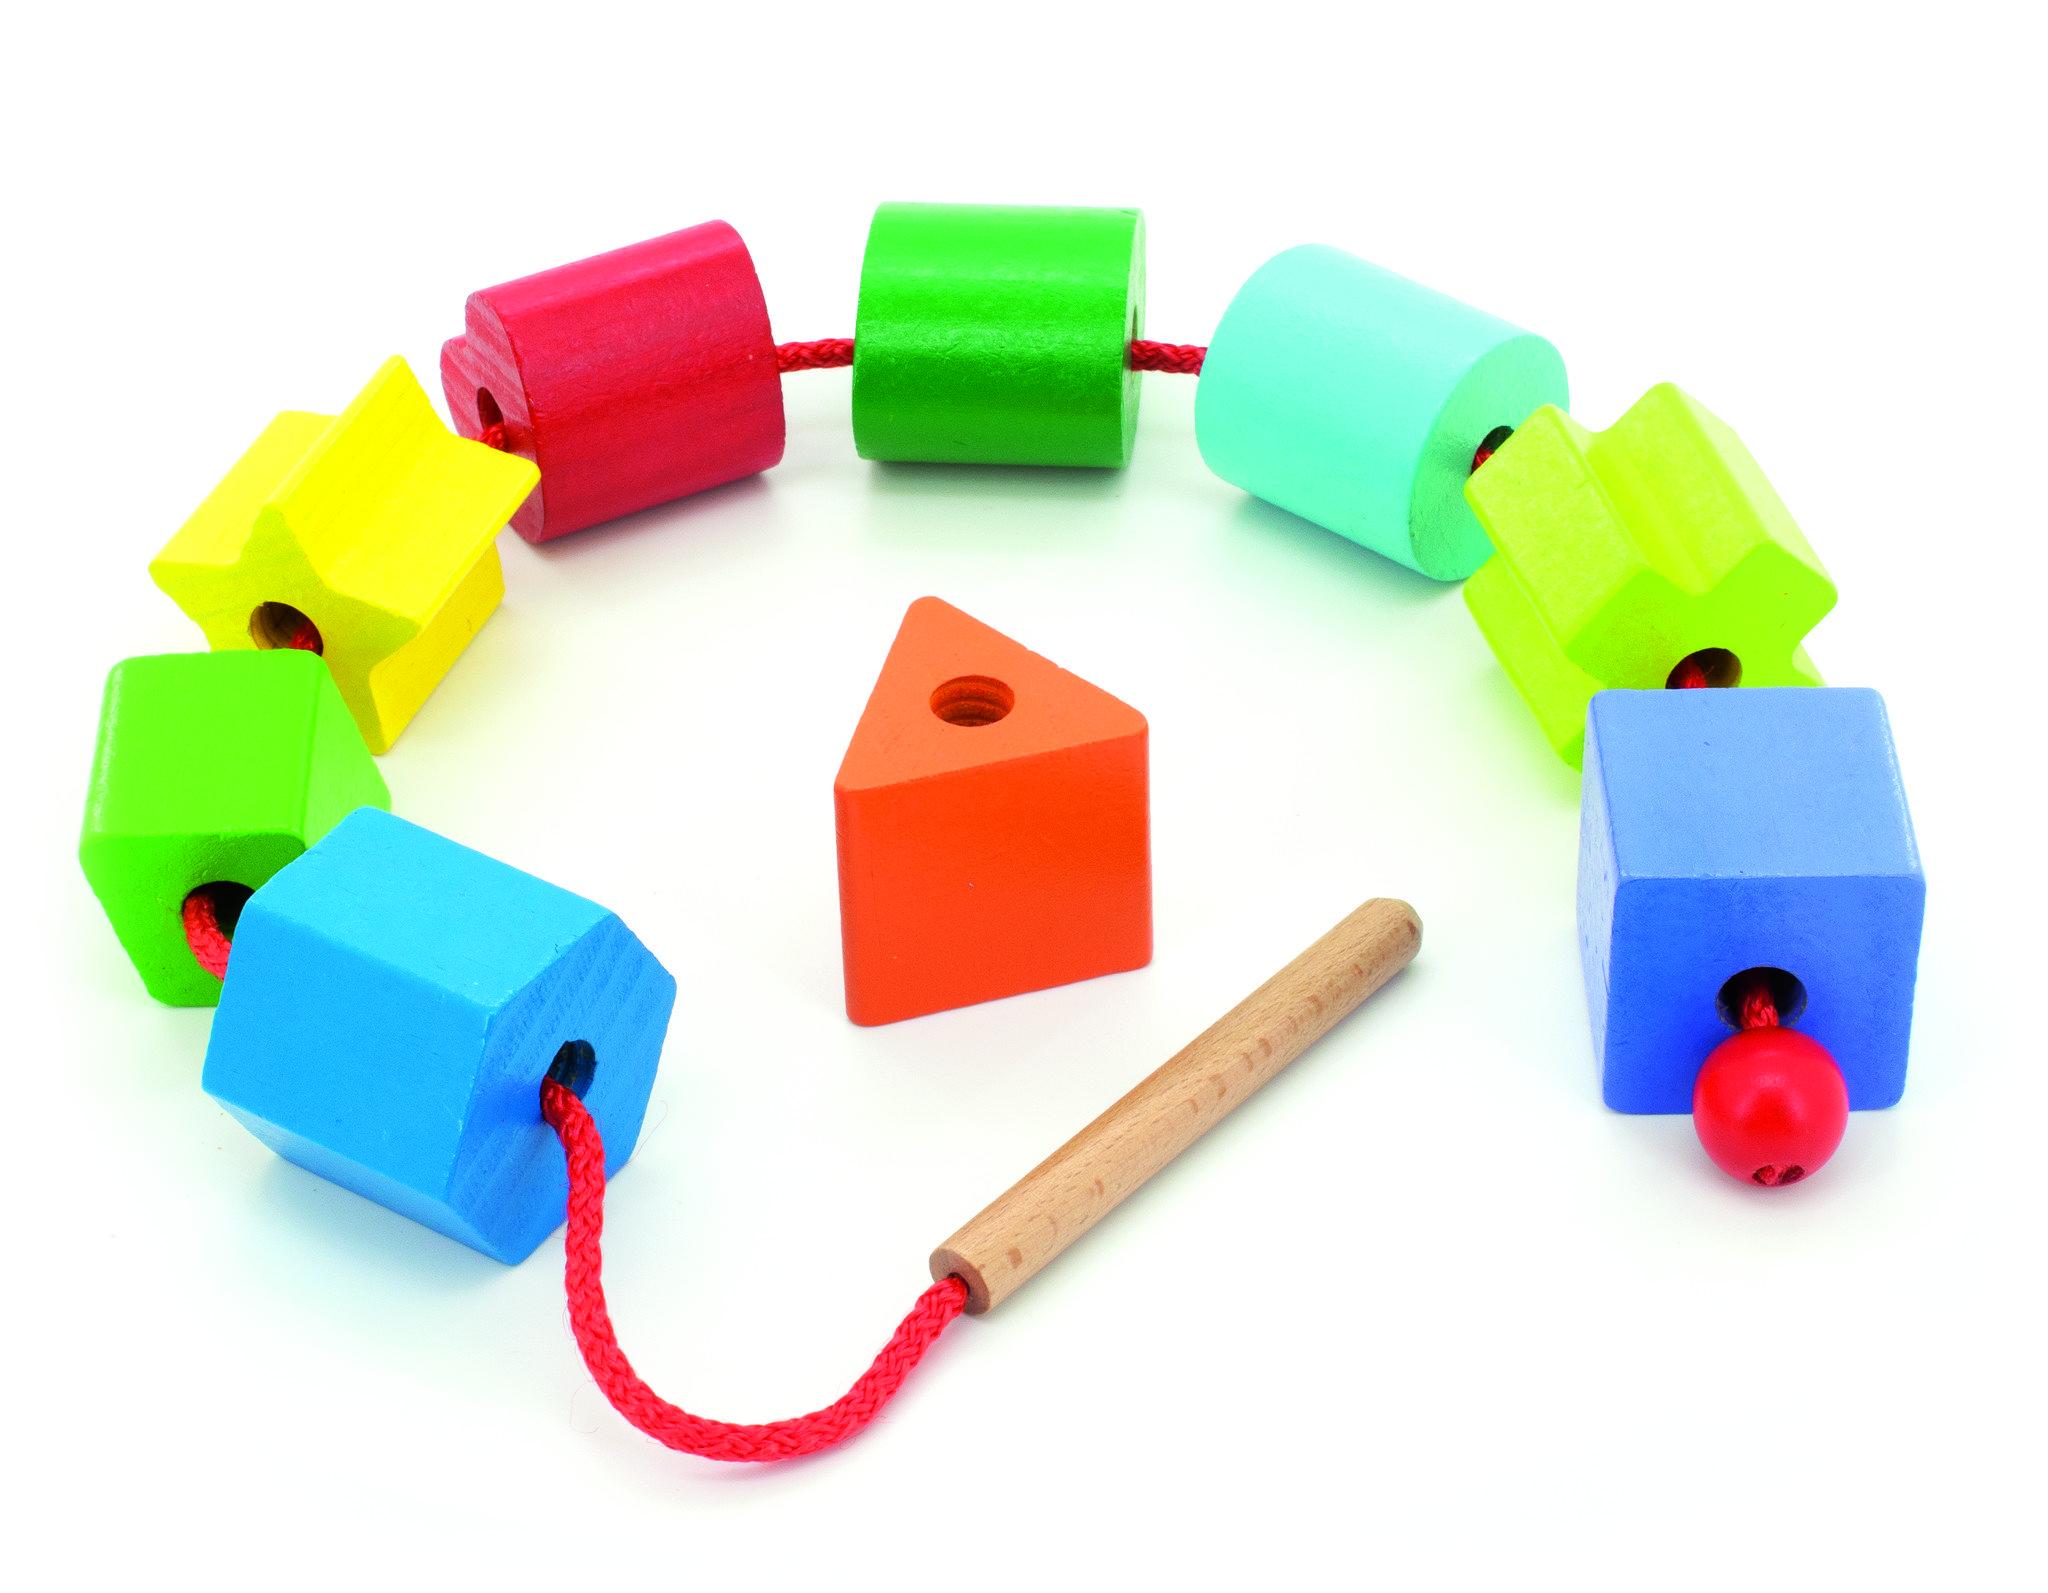 Игрушки для развития мелкой моторики рук ребенка 37